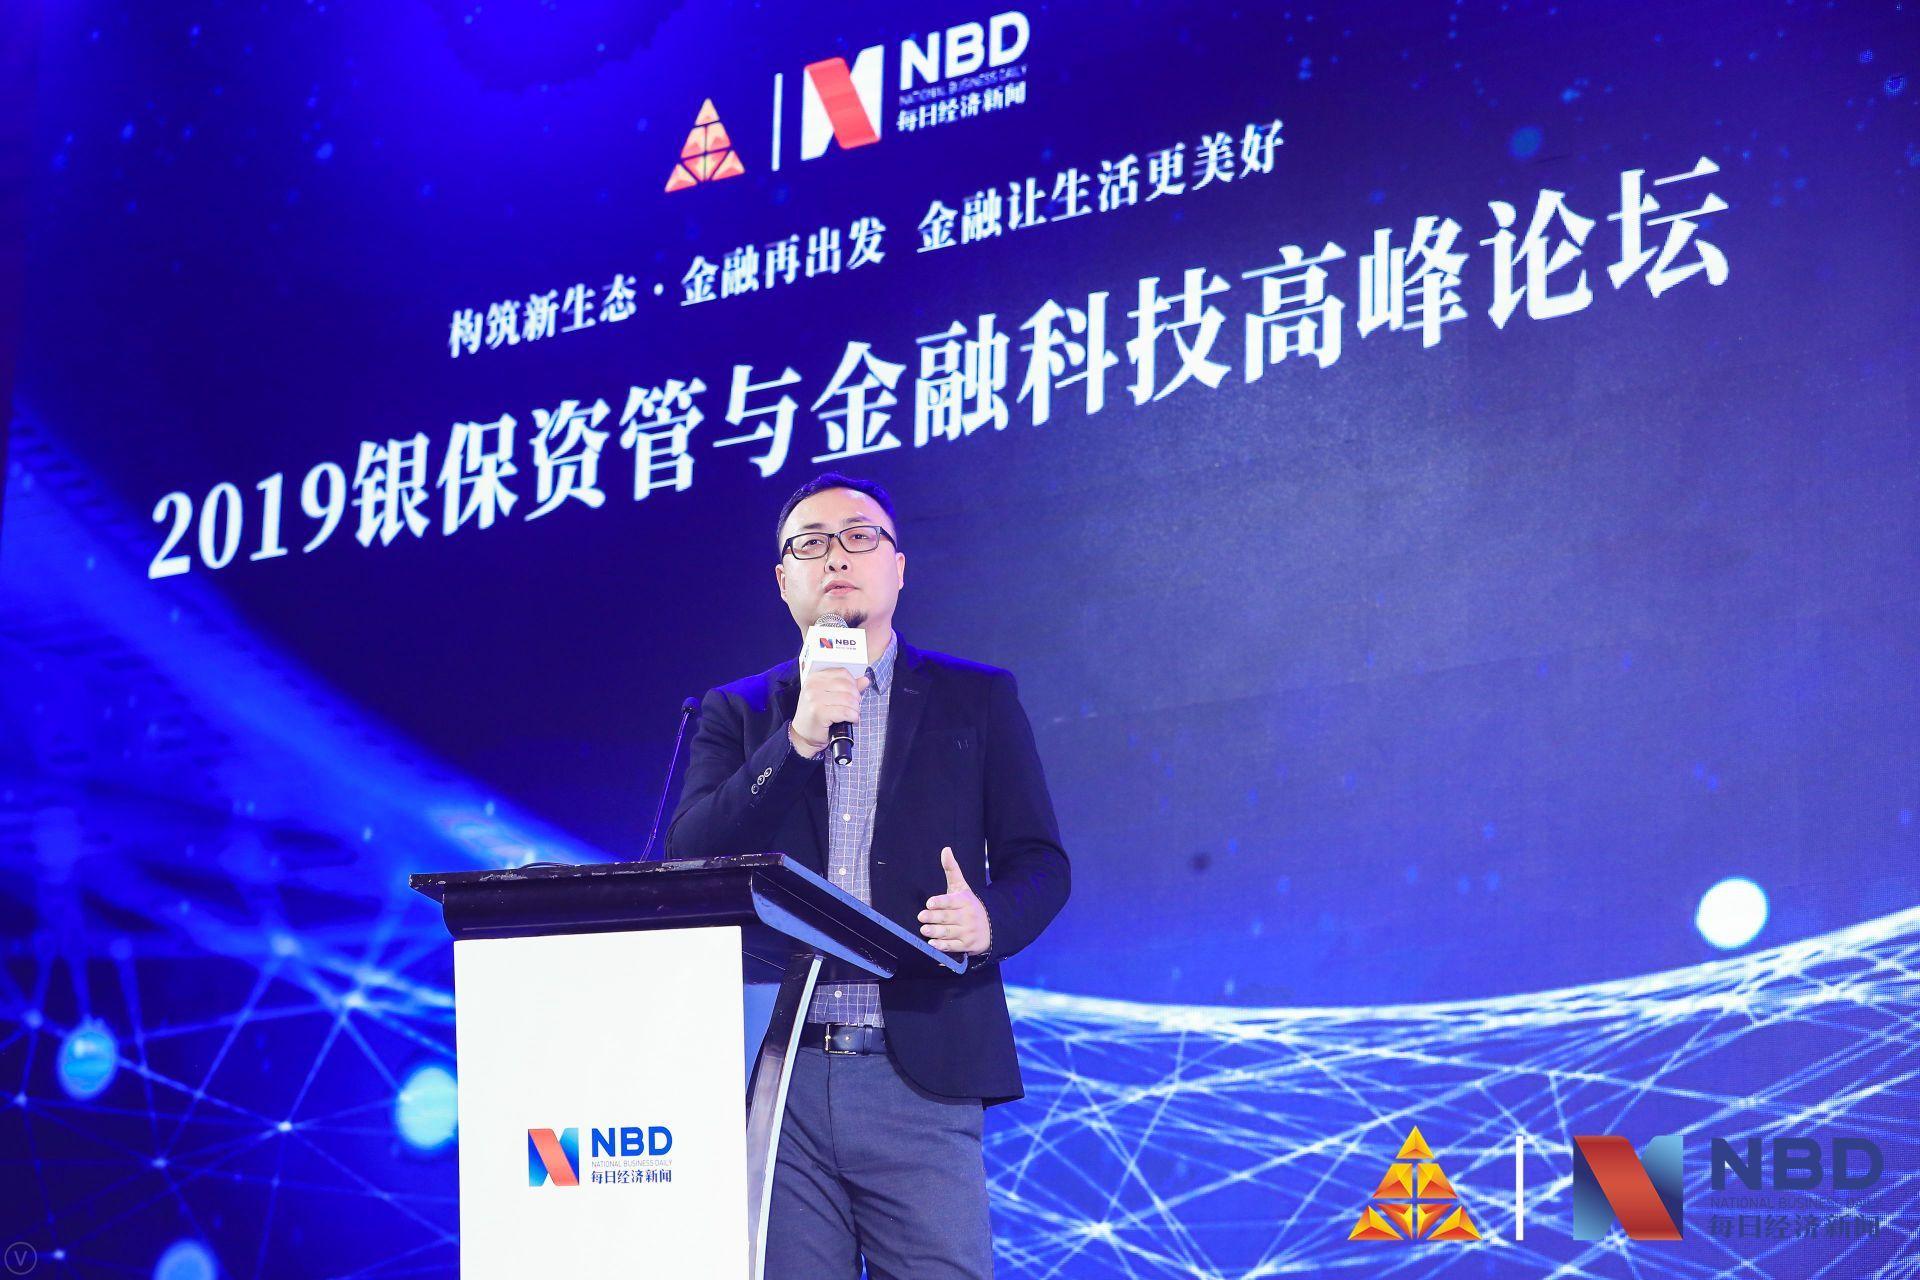 北京互金协会常务副秘书长张羽:金融科技和金融监管比例要1:1,不能失衡